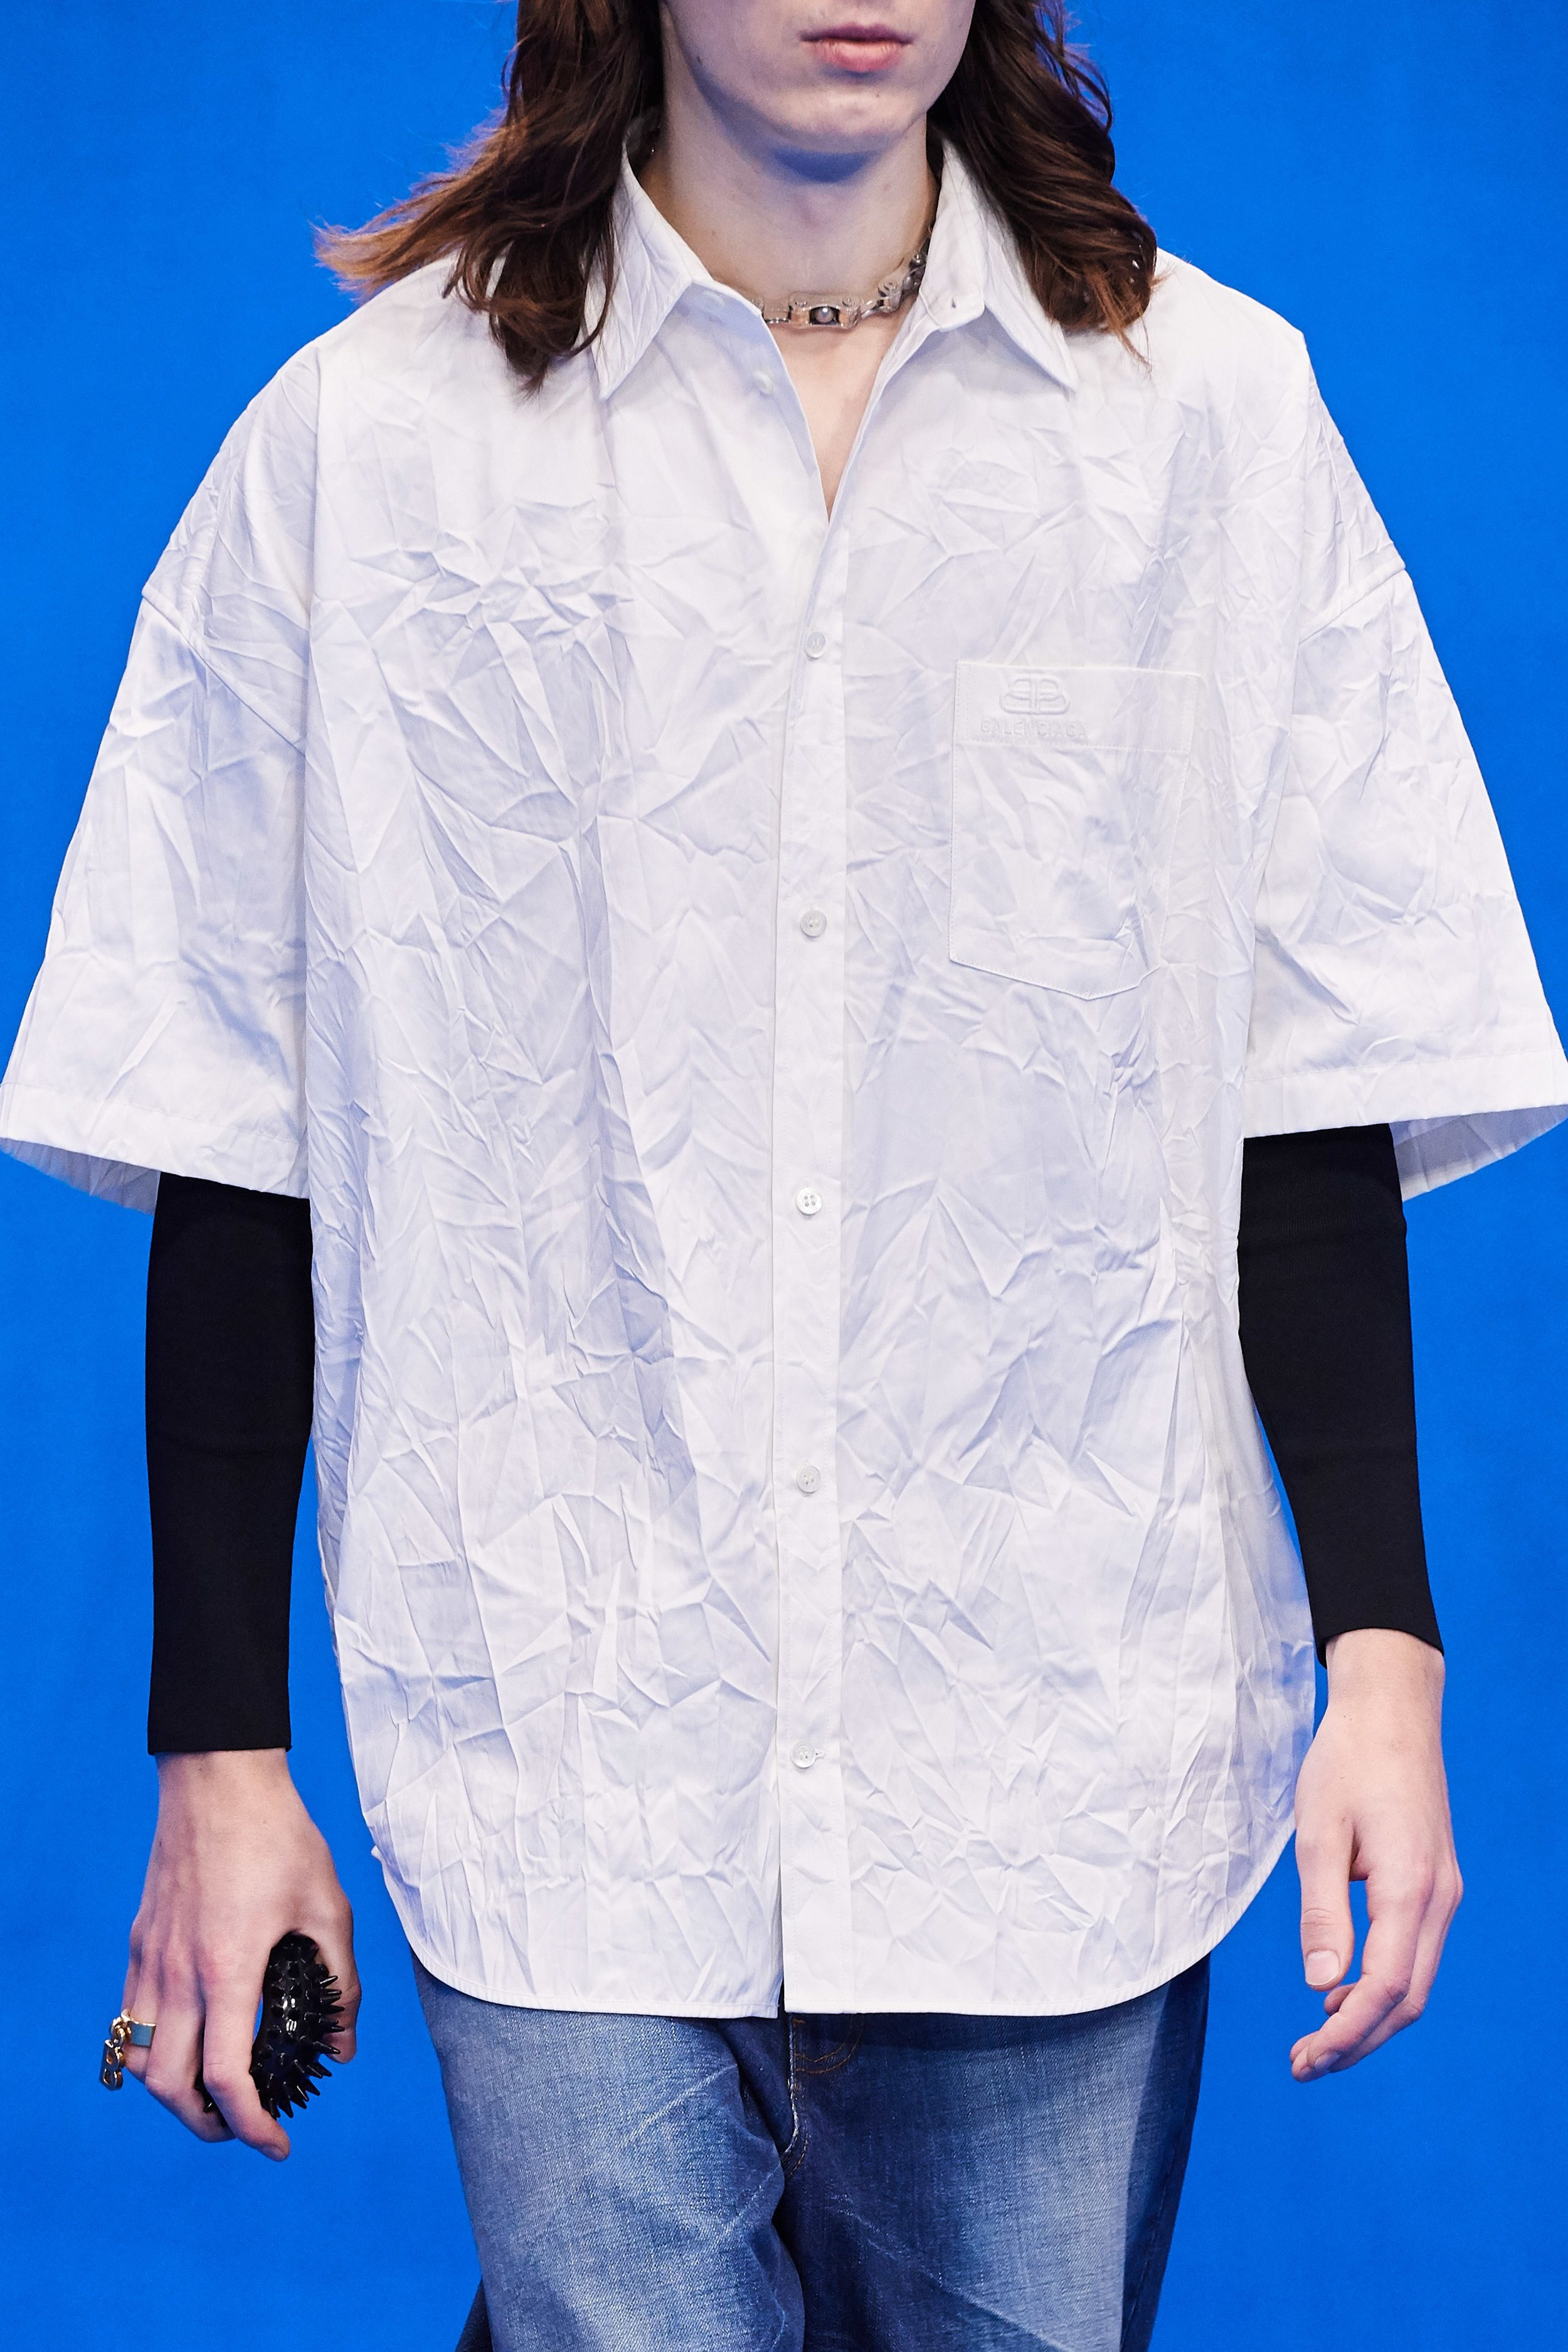 A camisa também amassou - E a gargantilha de corrente de bicicleta? Fiquei me perguntando o que é esse negocinho com espinhos de plástico - será que é um massageador? kkkk